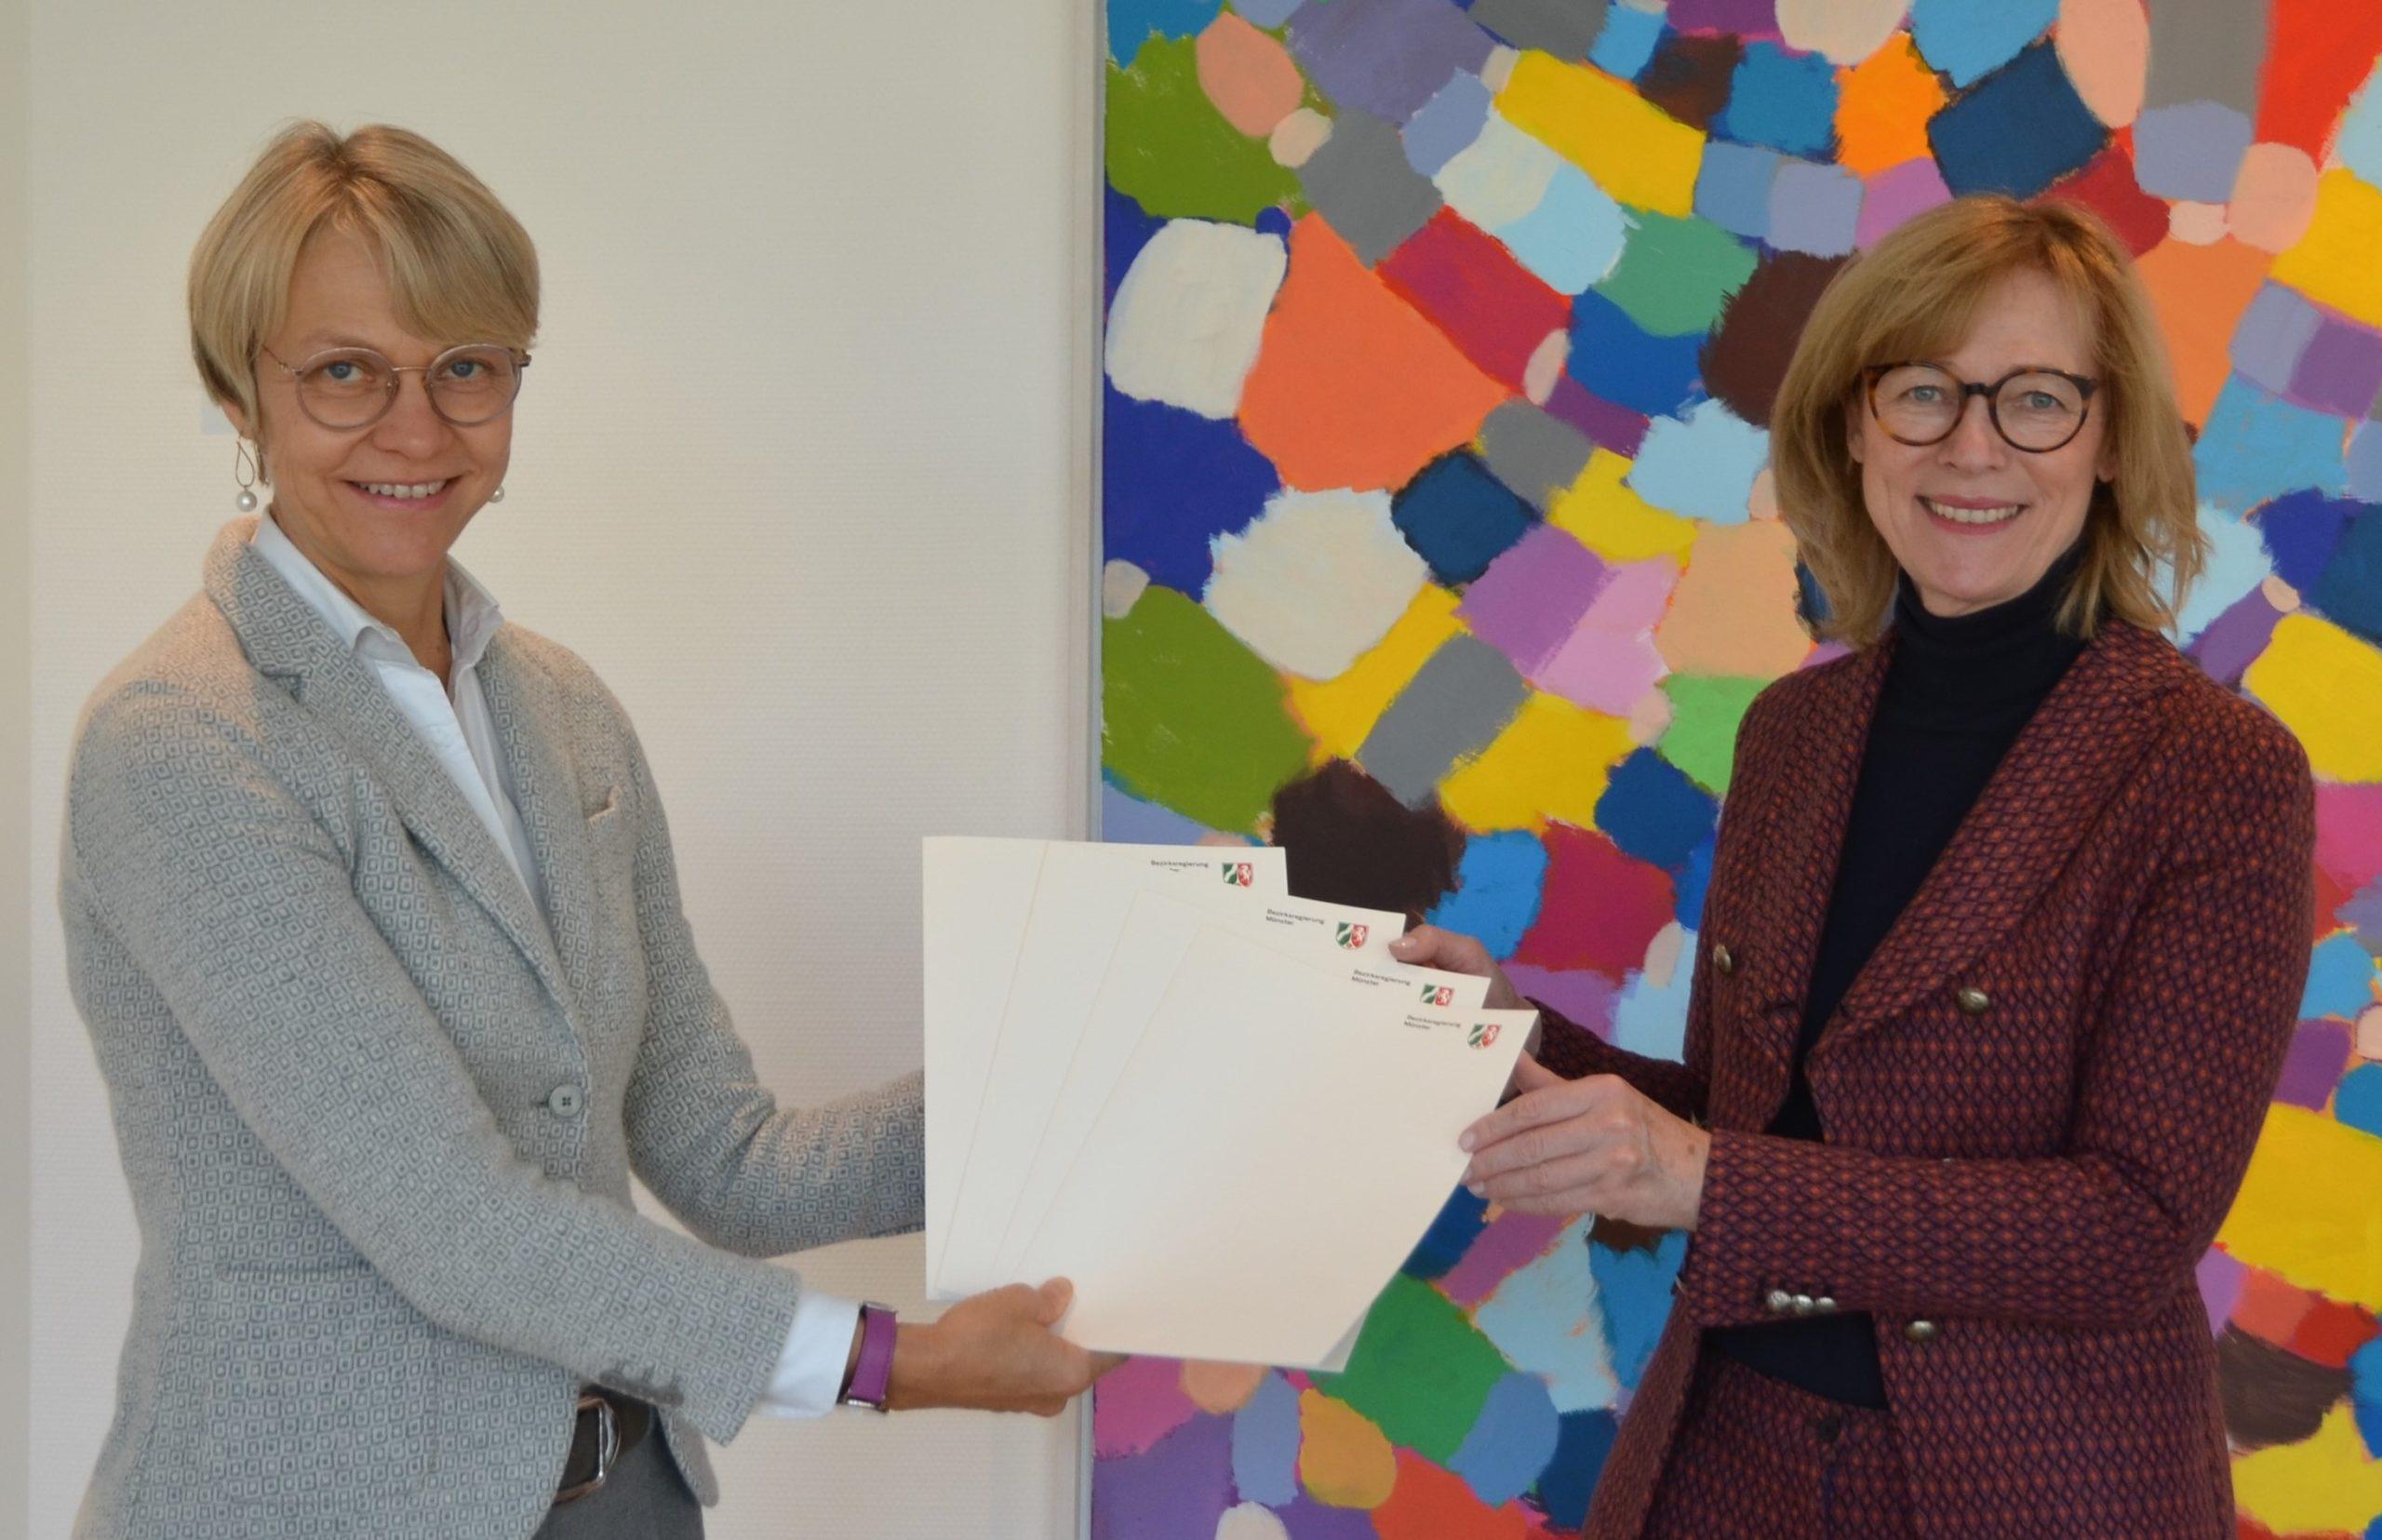 Rund 11,7 Millionen Euro hat Gelsenkirchen für die Digitalisierung seiner Schulen erhalten. Das ist mit den Fördergeldern aus Münster geplant.